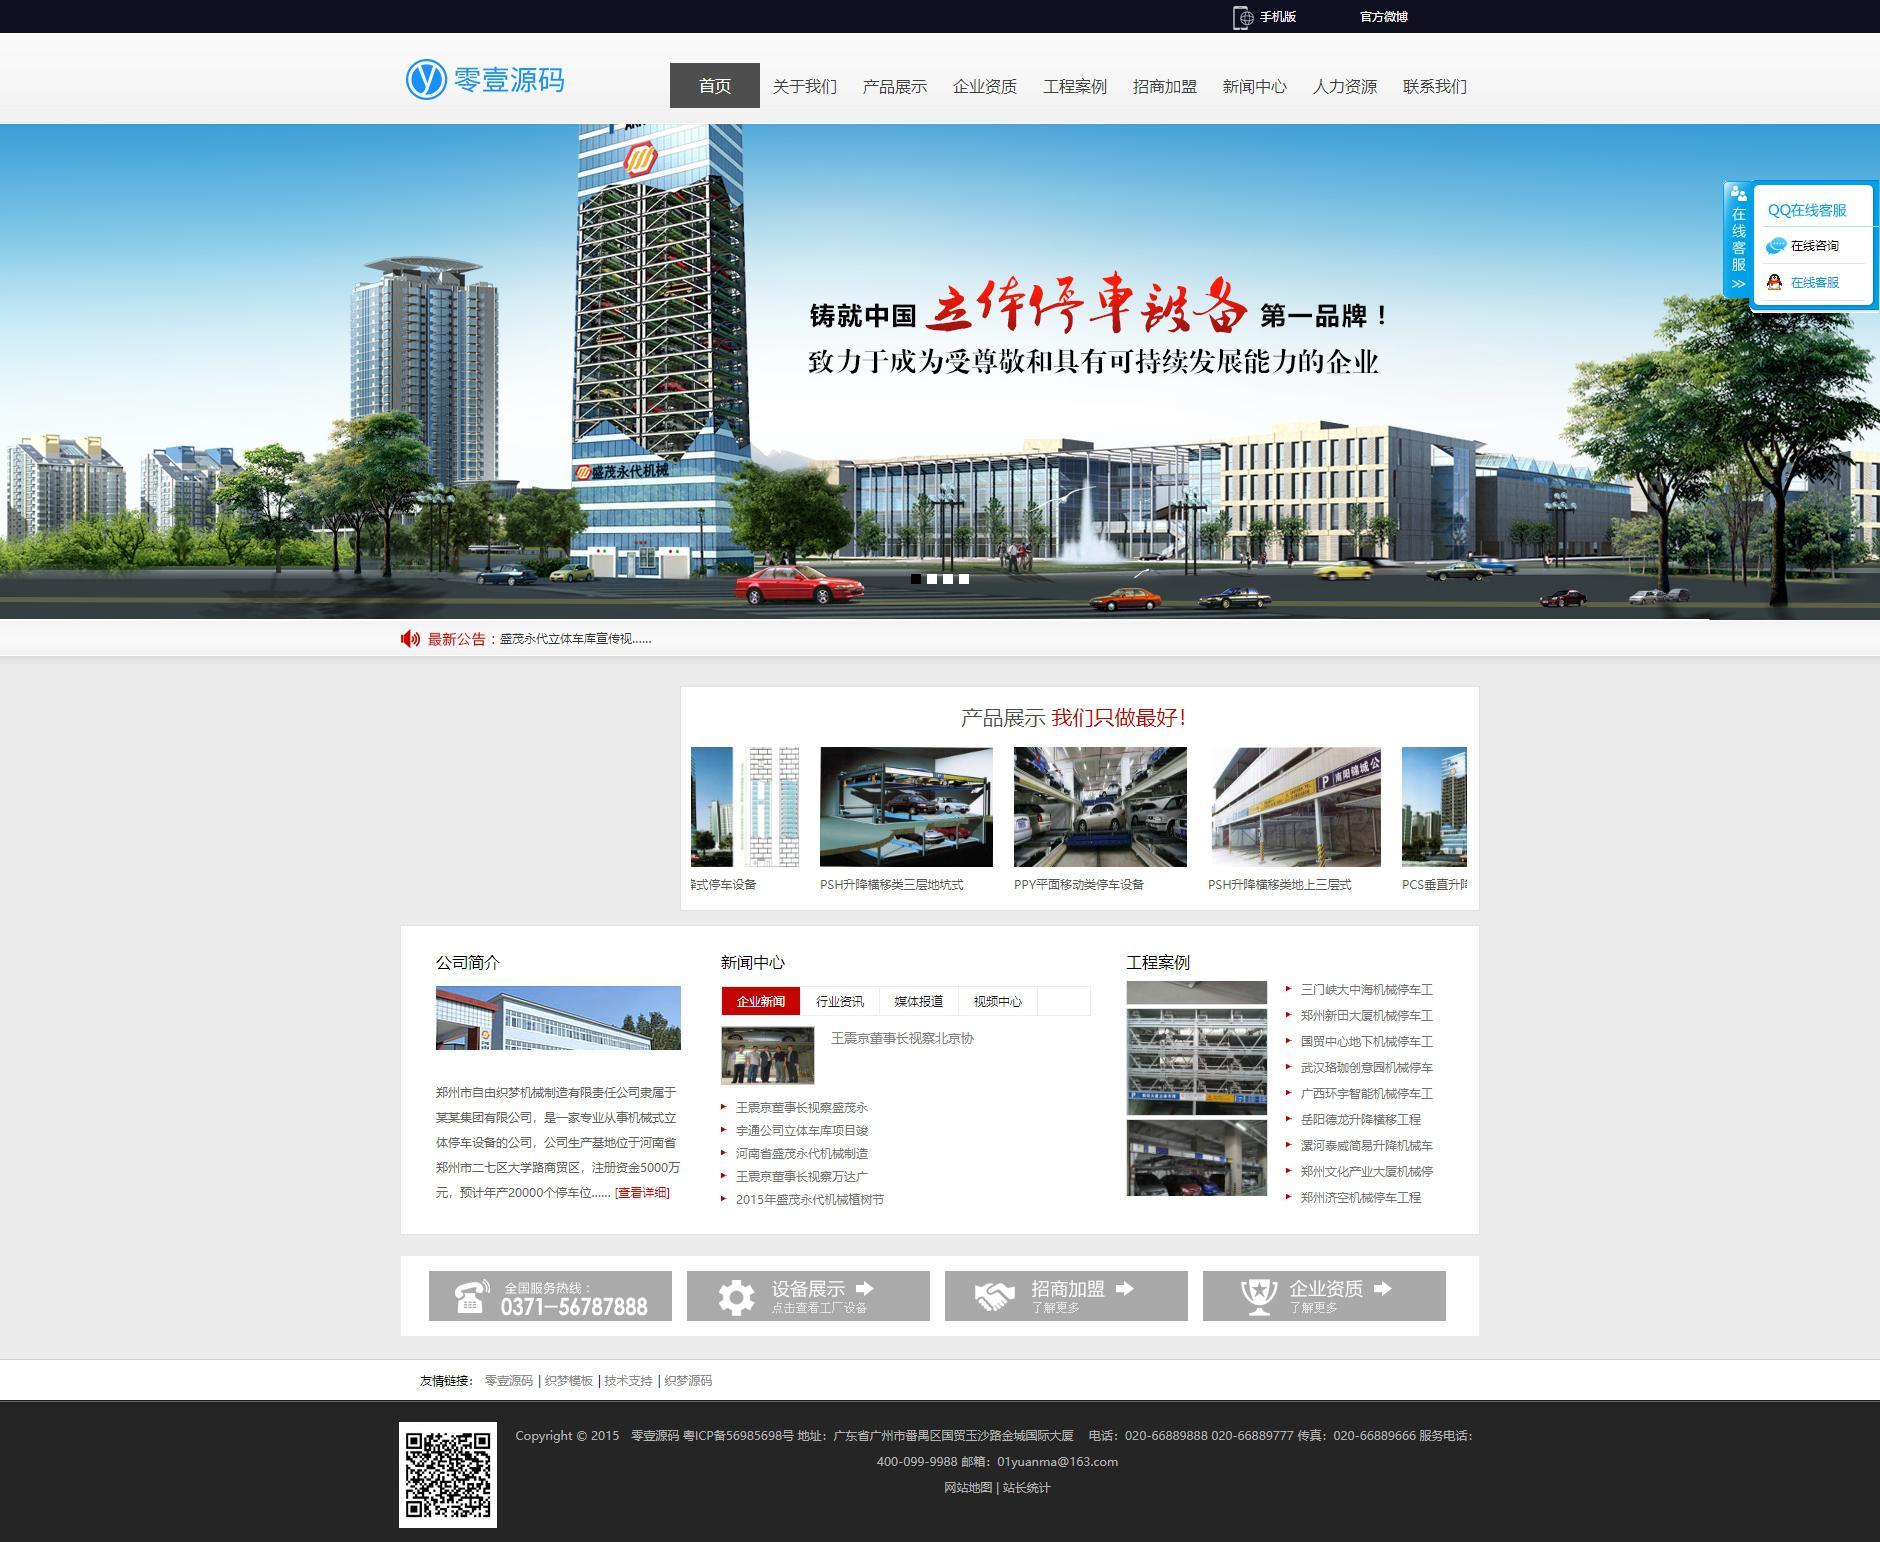 黑色大气企业通用集团公司网站织梦dedecms模板